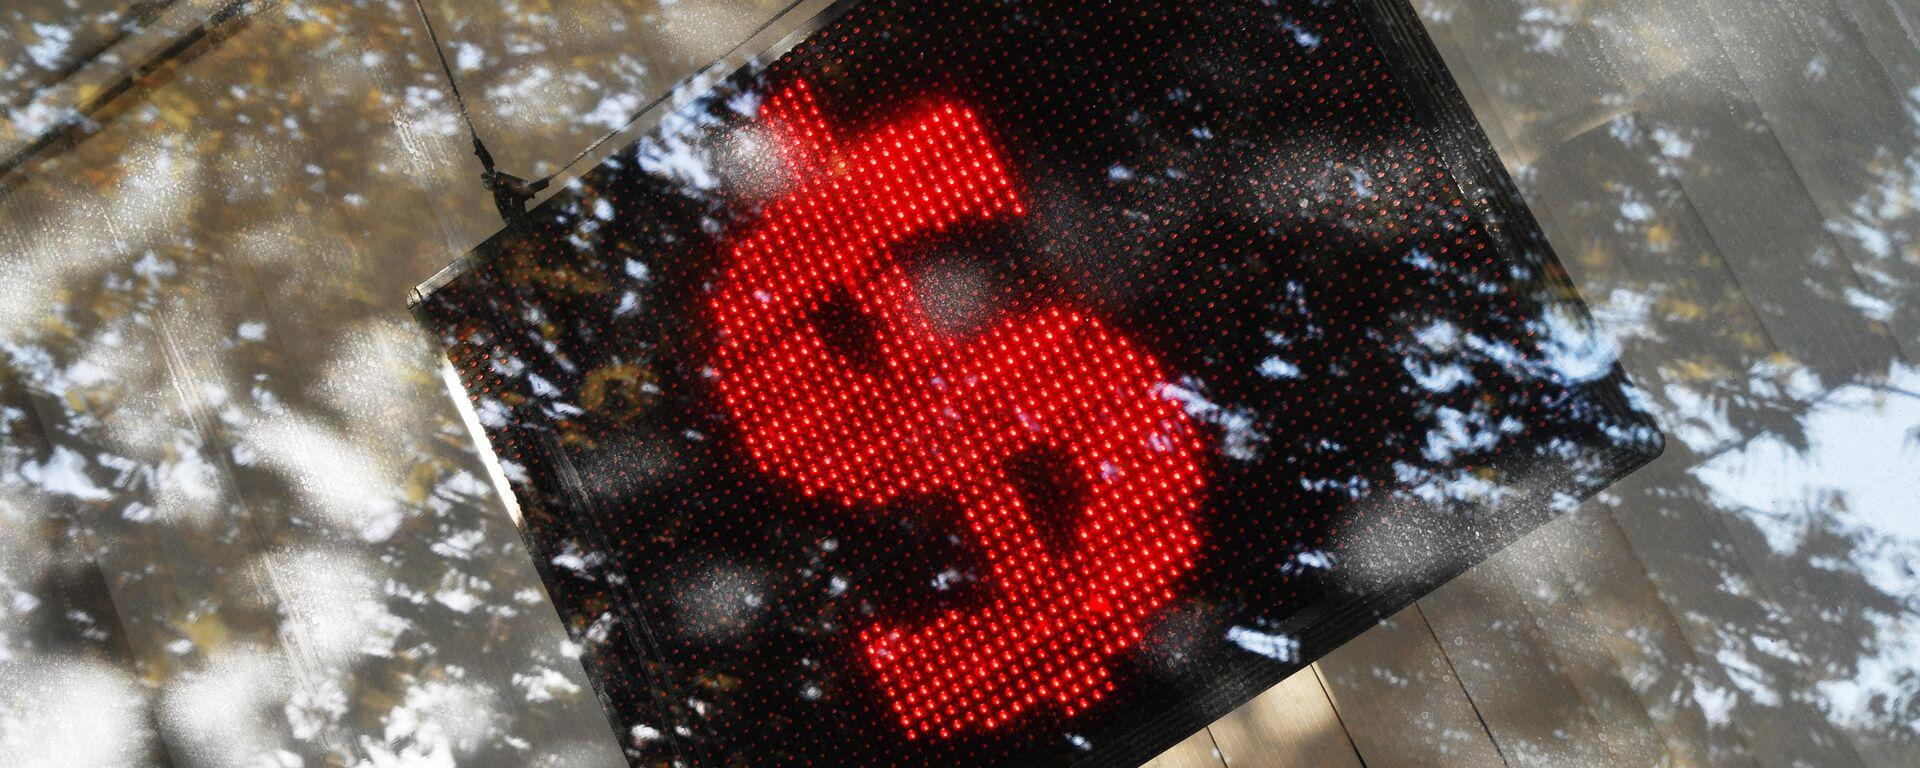 Табло курса доллара в витрине операционной кассы в Москве - Sputnik Узбекистан, 1920, 31.03.2020